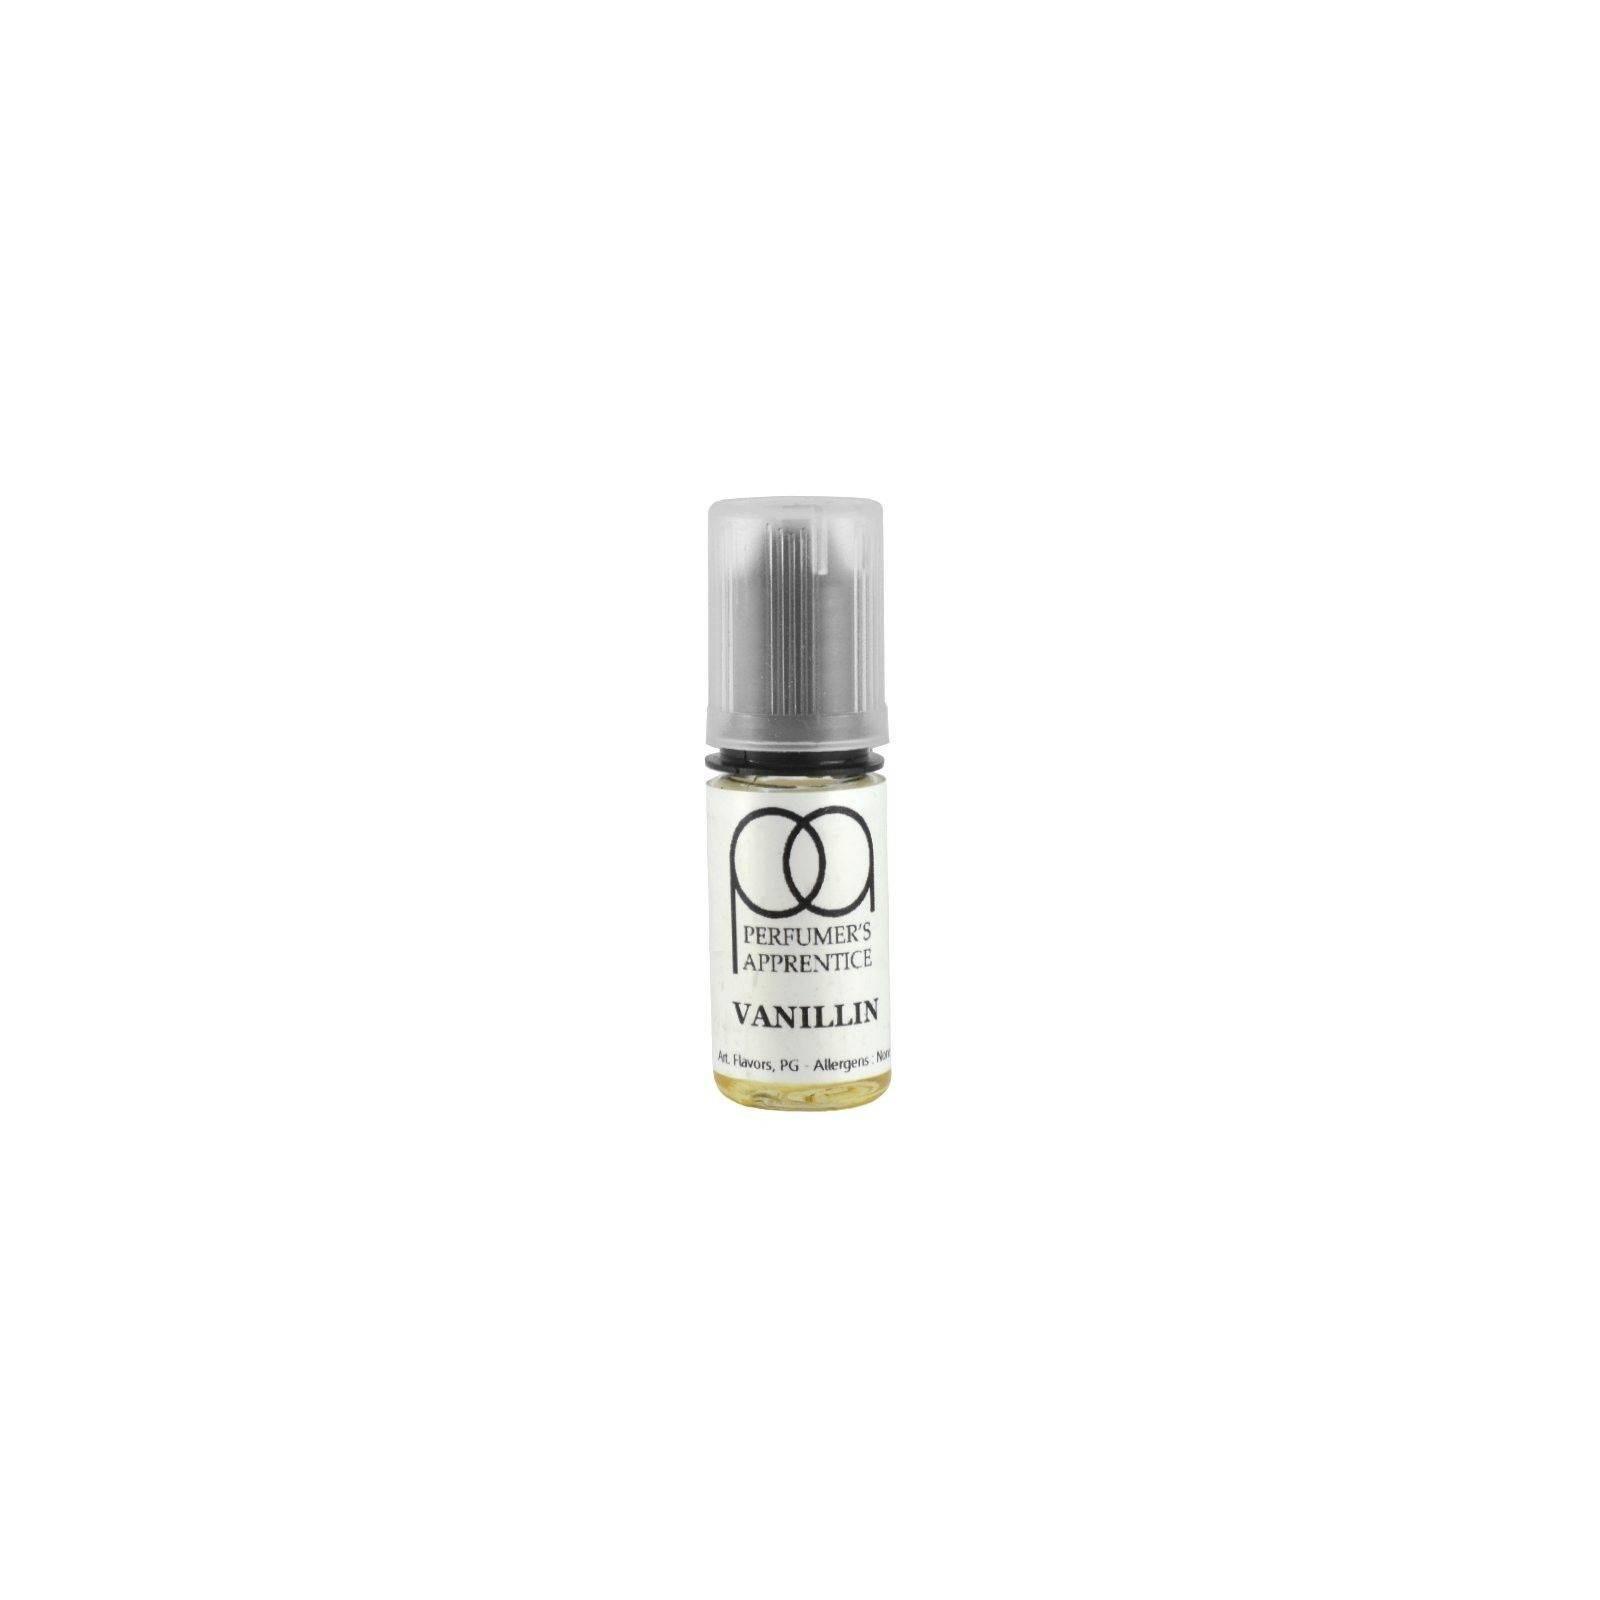 Additif Vanillin - Perfumer's Apprentice